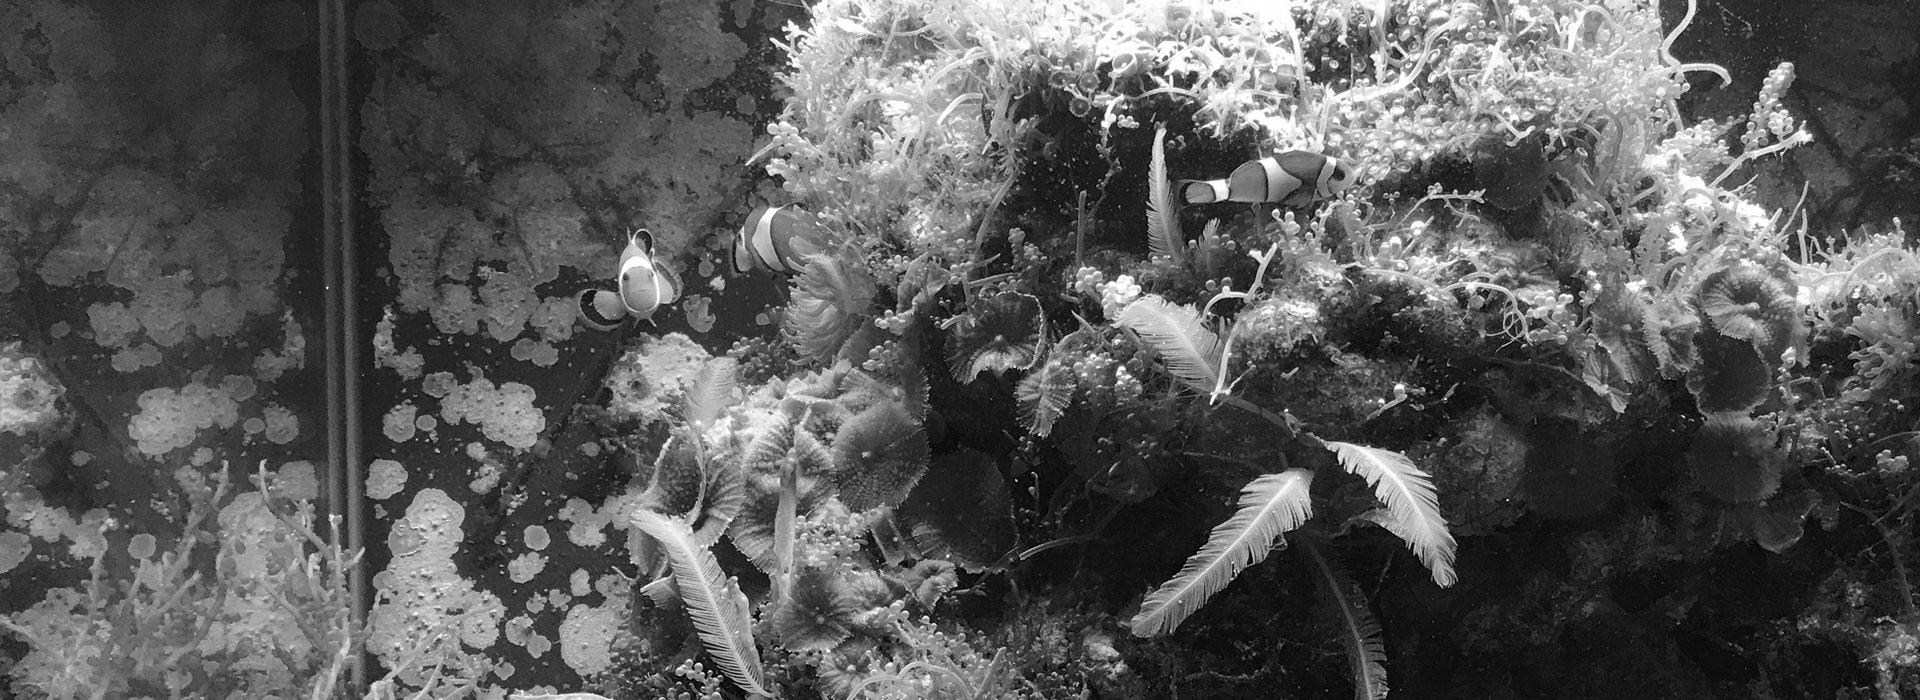 New piranha vendita pesci tropicali marini e d 39 acqua dolce for Pesci acqua dolce fredda laghetto